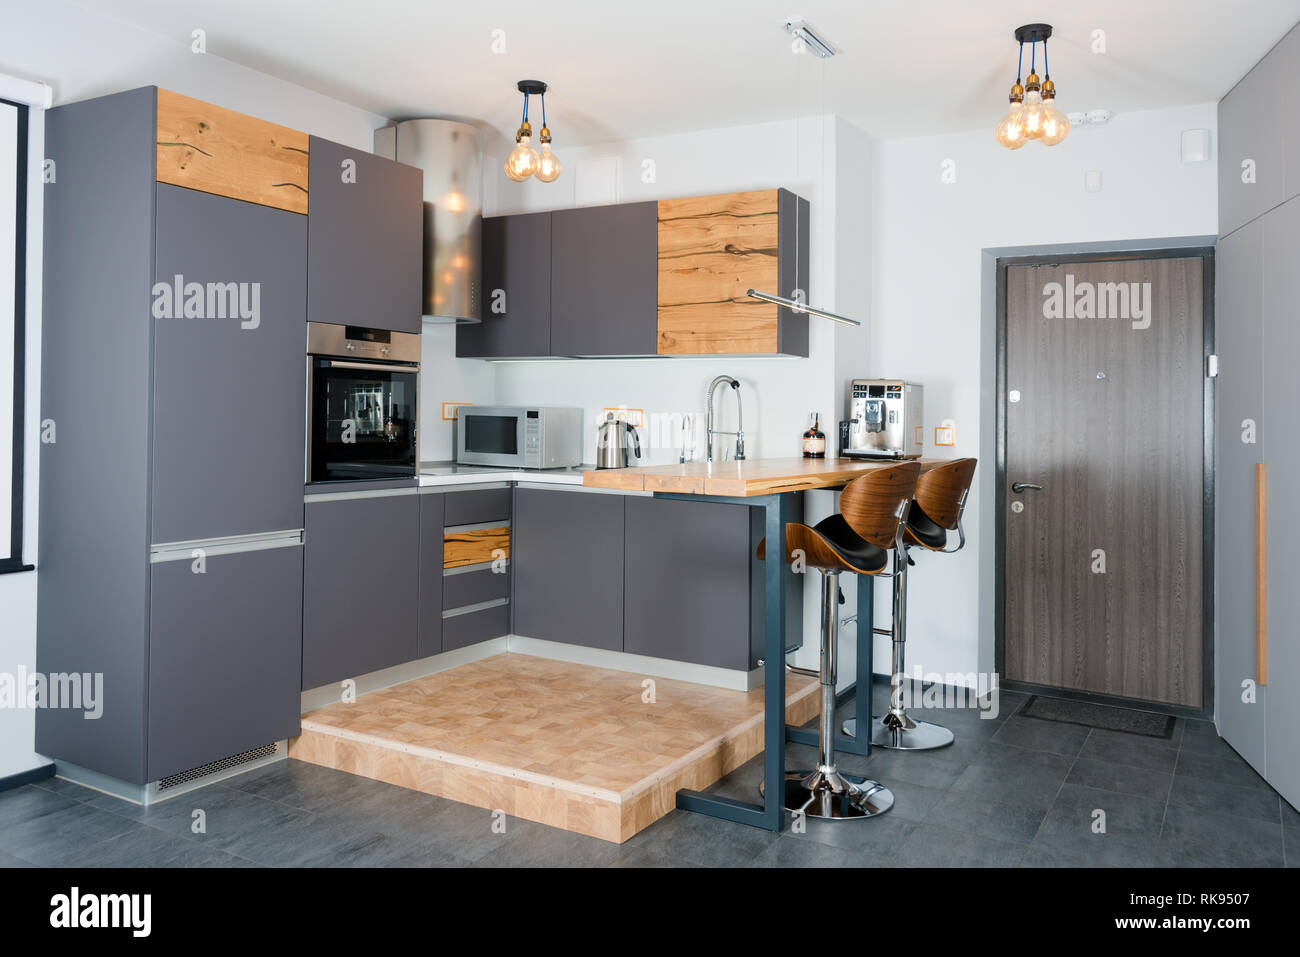 Cucina moderna con interni con luci accese. Brown tavolo in legno e ...